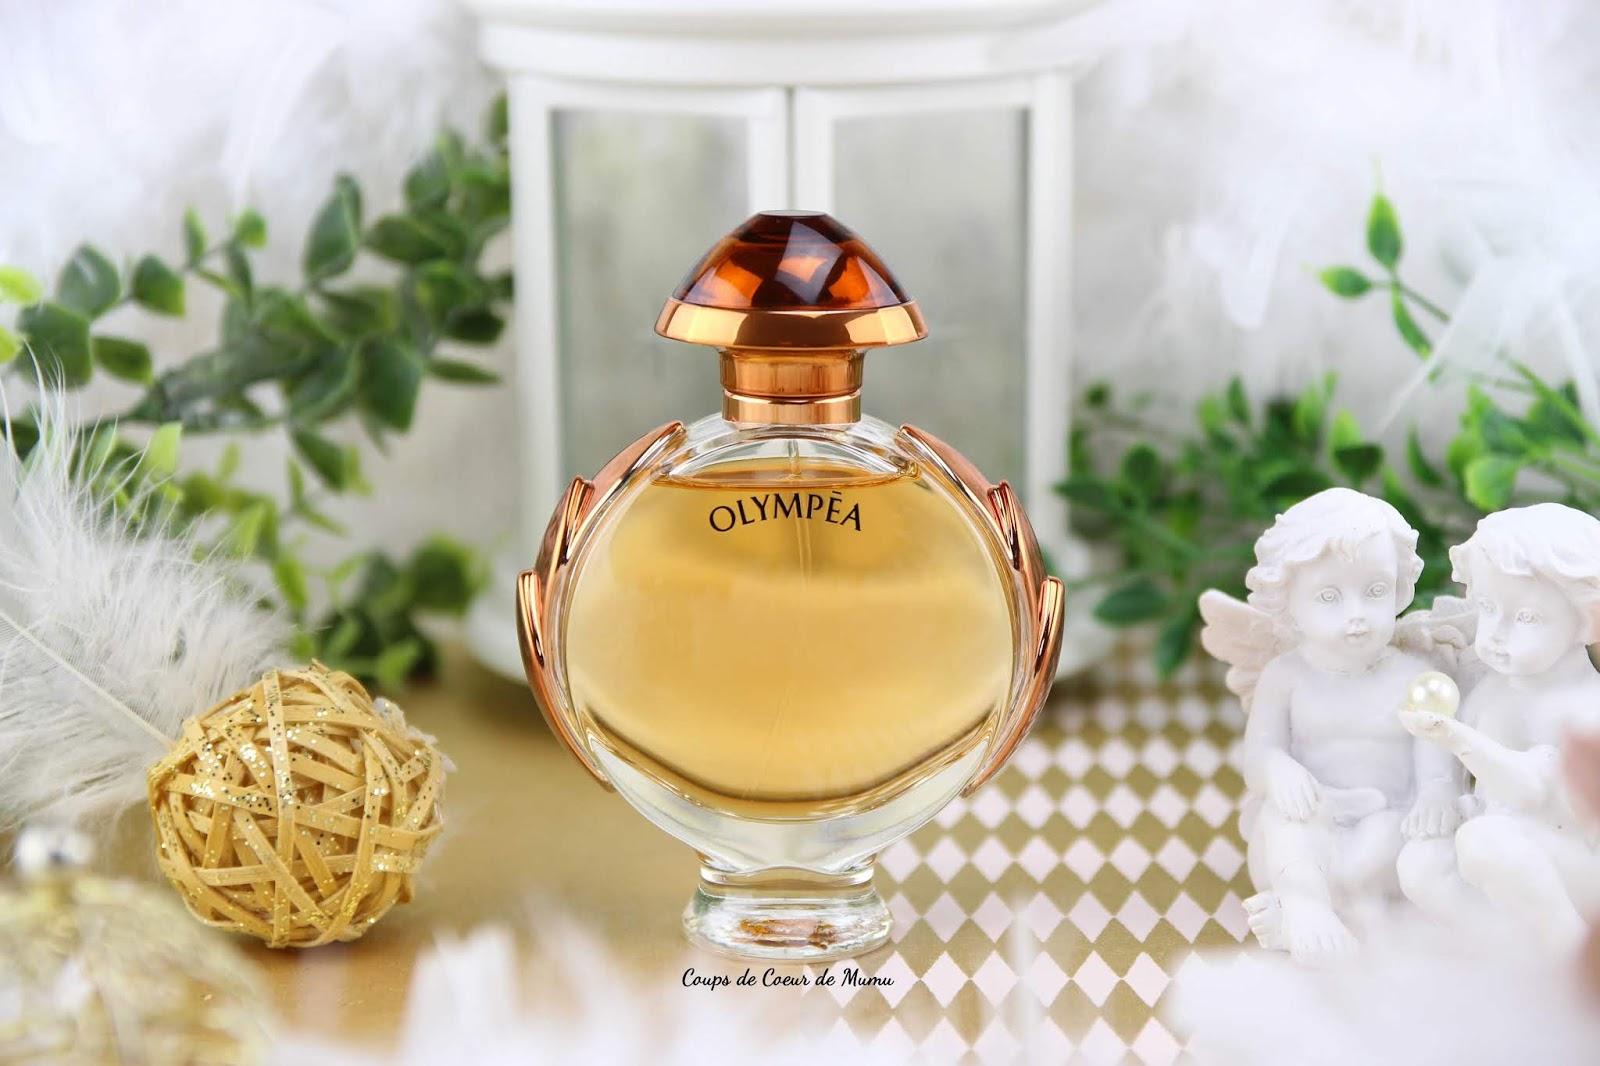 Olympéa Intense De Paco Rabanne Le Parfum Divinement Féminin